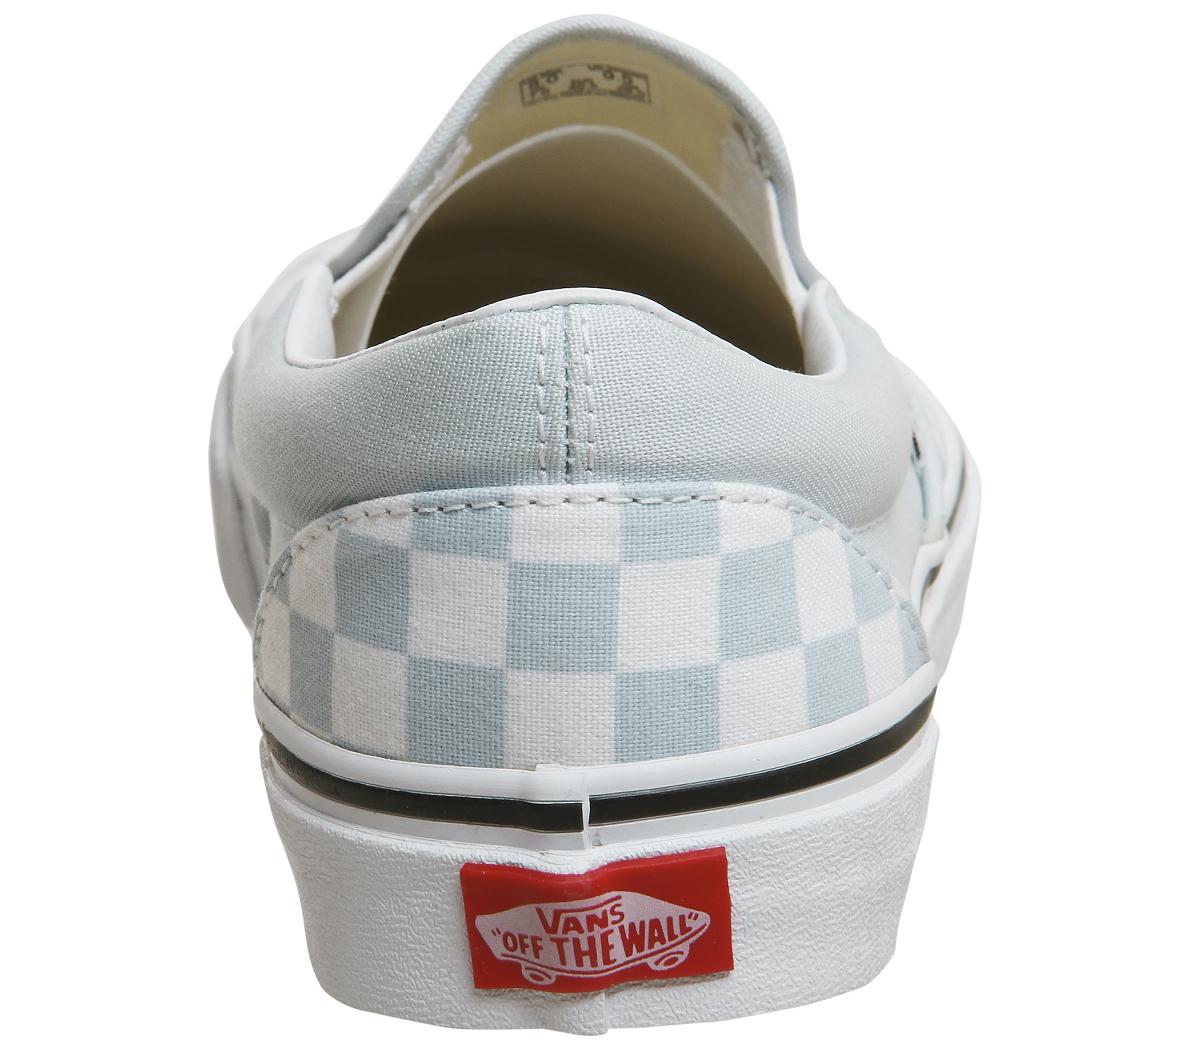 434c05bf7 Detalles de Para mujer Vans Vans Classic Slip On Zapatillas Bebé Azul Blanco  Zapatillas De Tablero De Ajedrez- ver título original